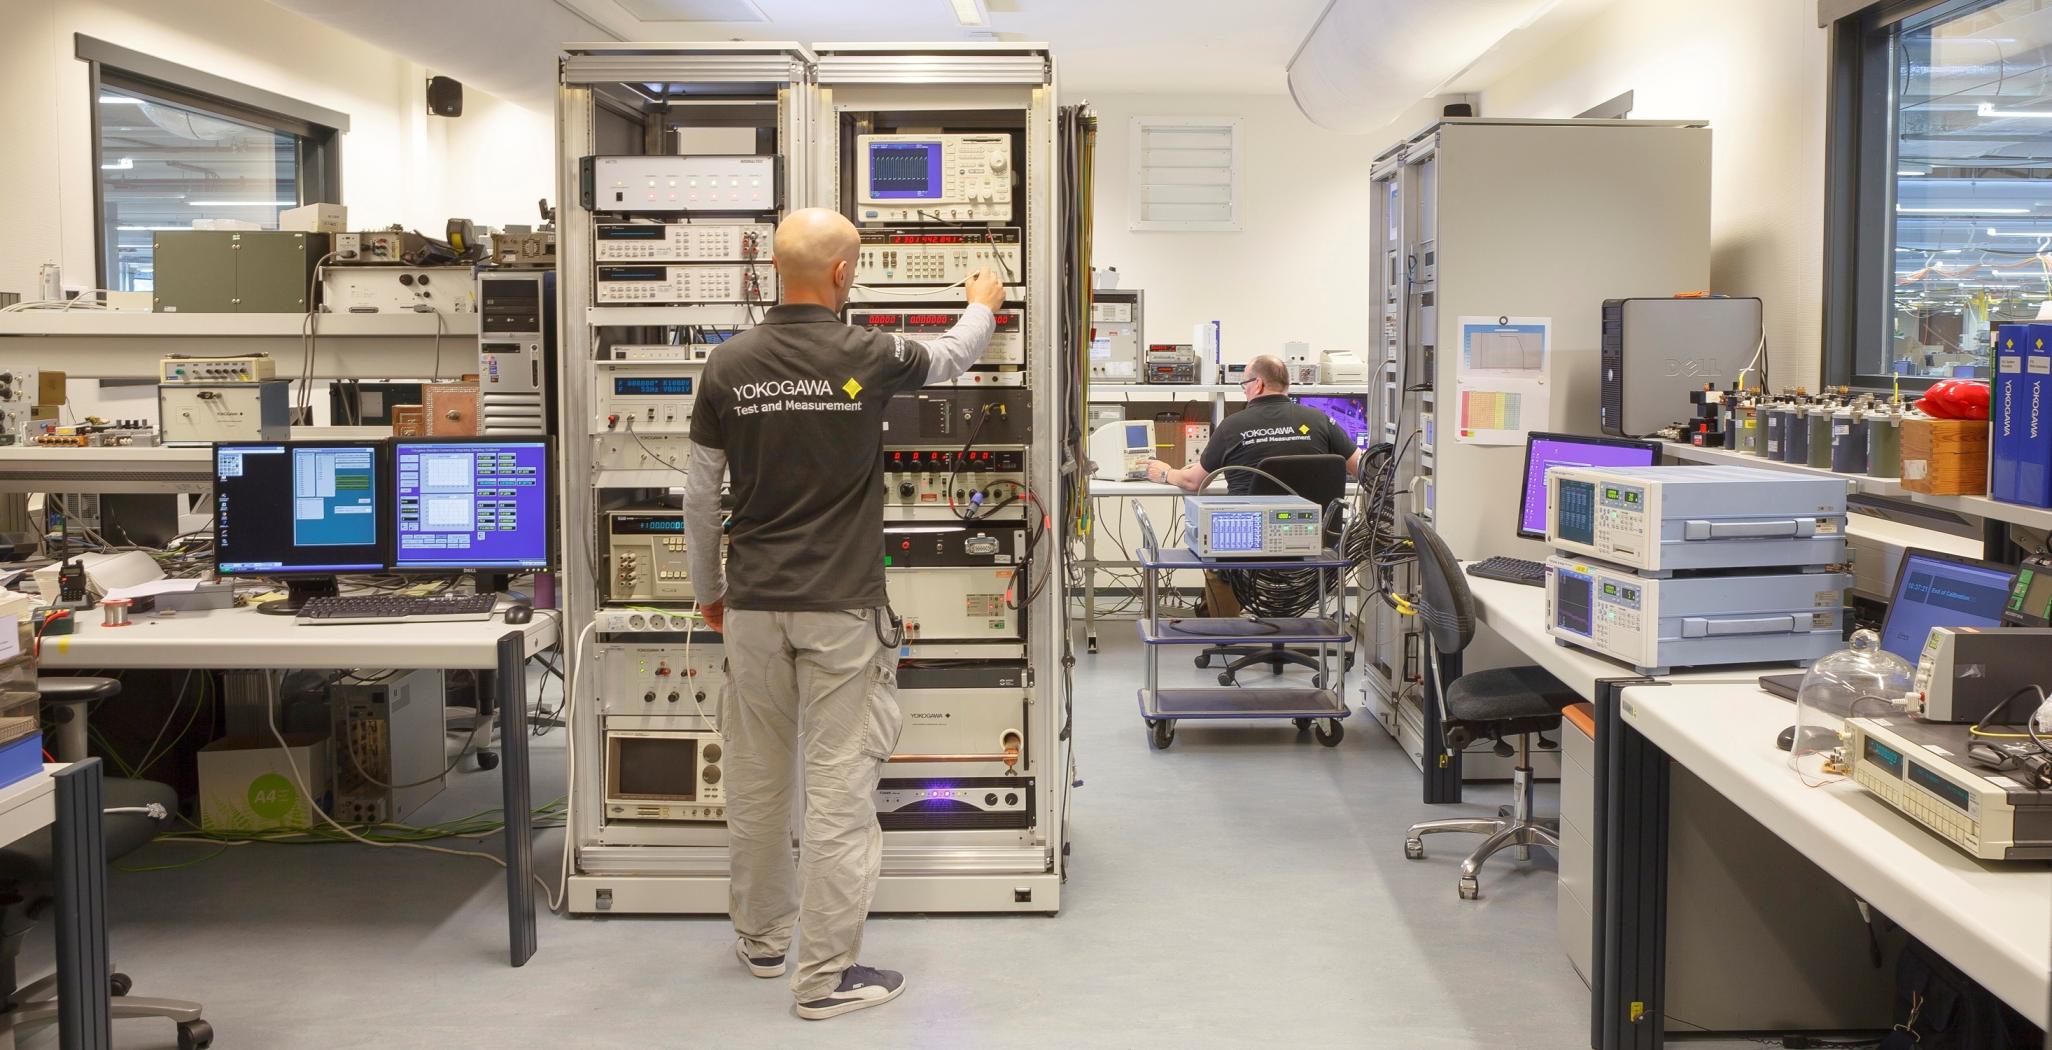 Yokogawa calibration laboratory accreditation